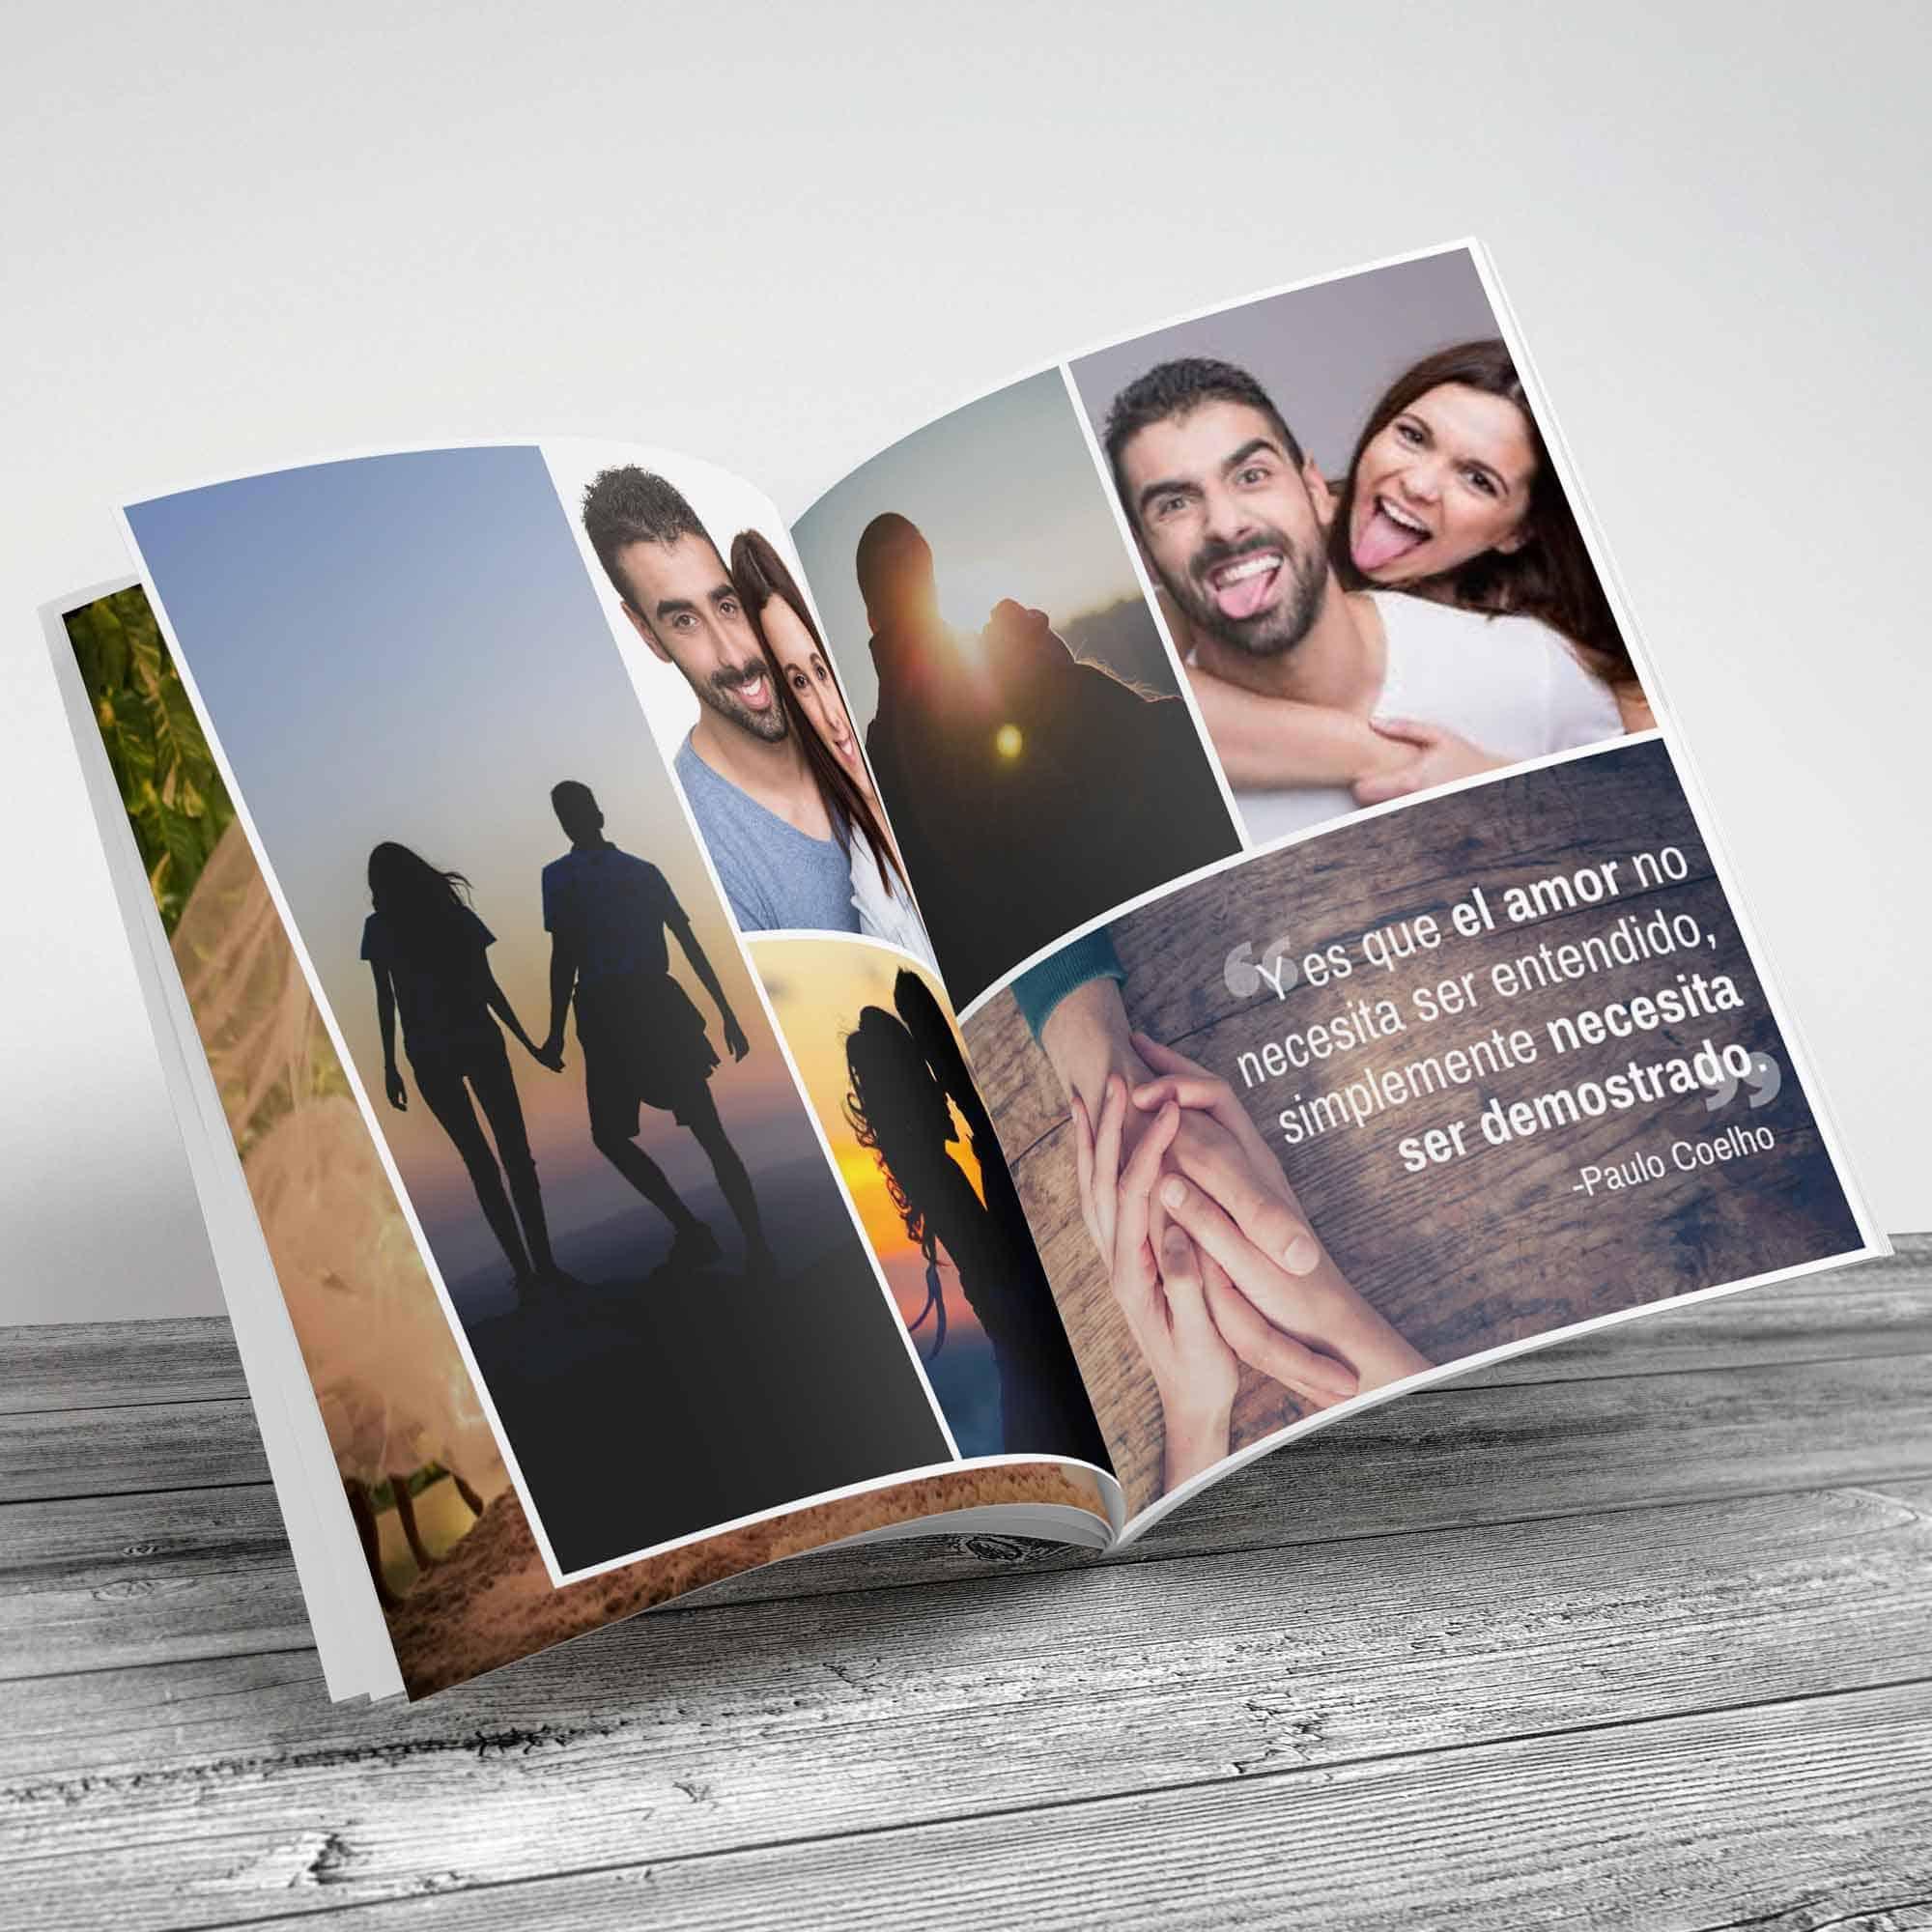 20 Ideias De Presentes Com Fotos Para Namorado A Ideias Presentes